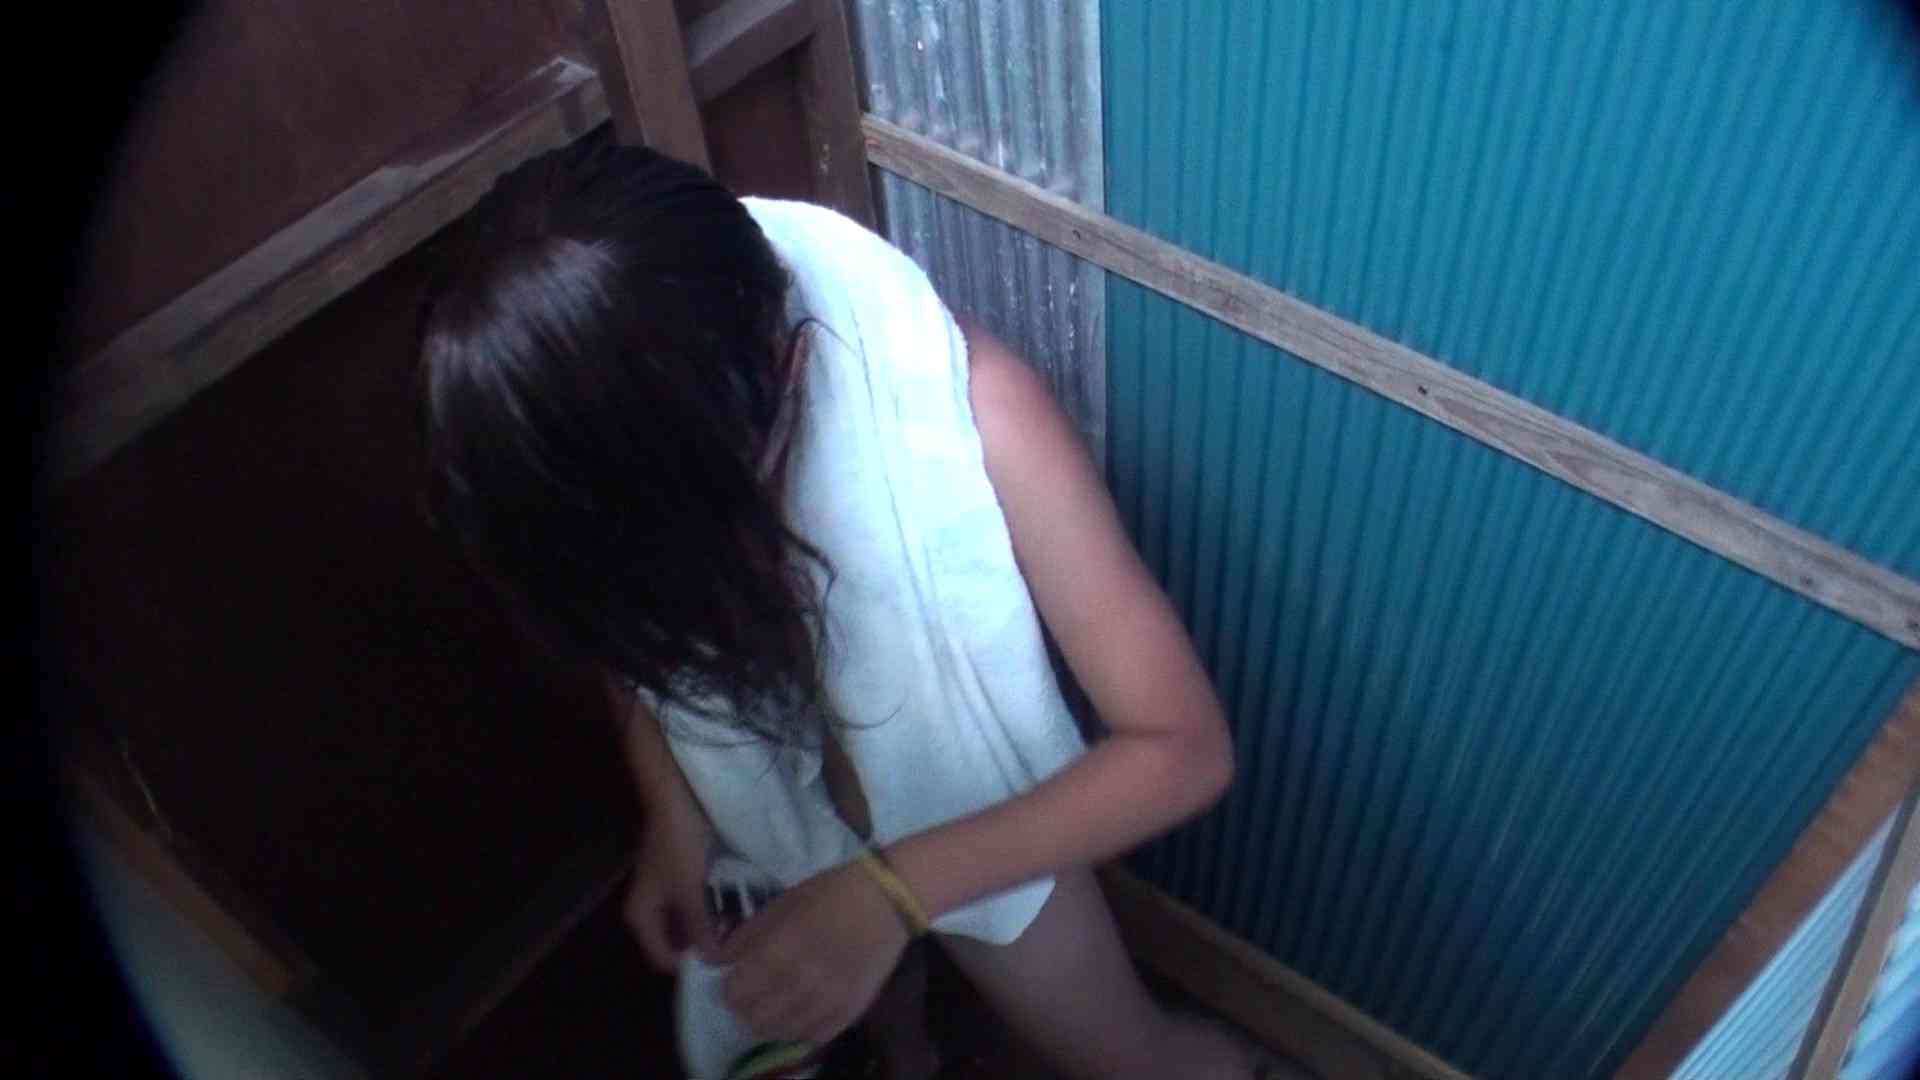 Vol.17 ガーリーなビキニと下着に興奮です! エッチな盗撮 性交動画流出 77pic 31